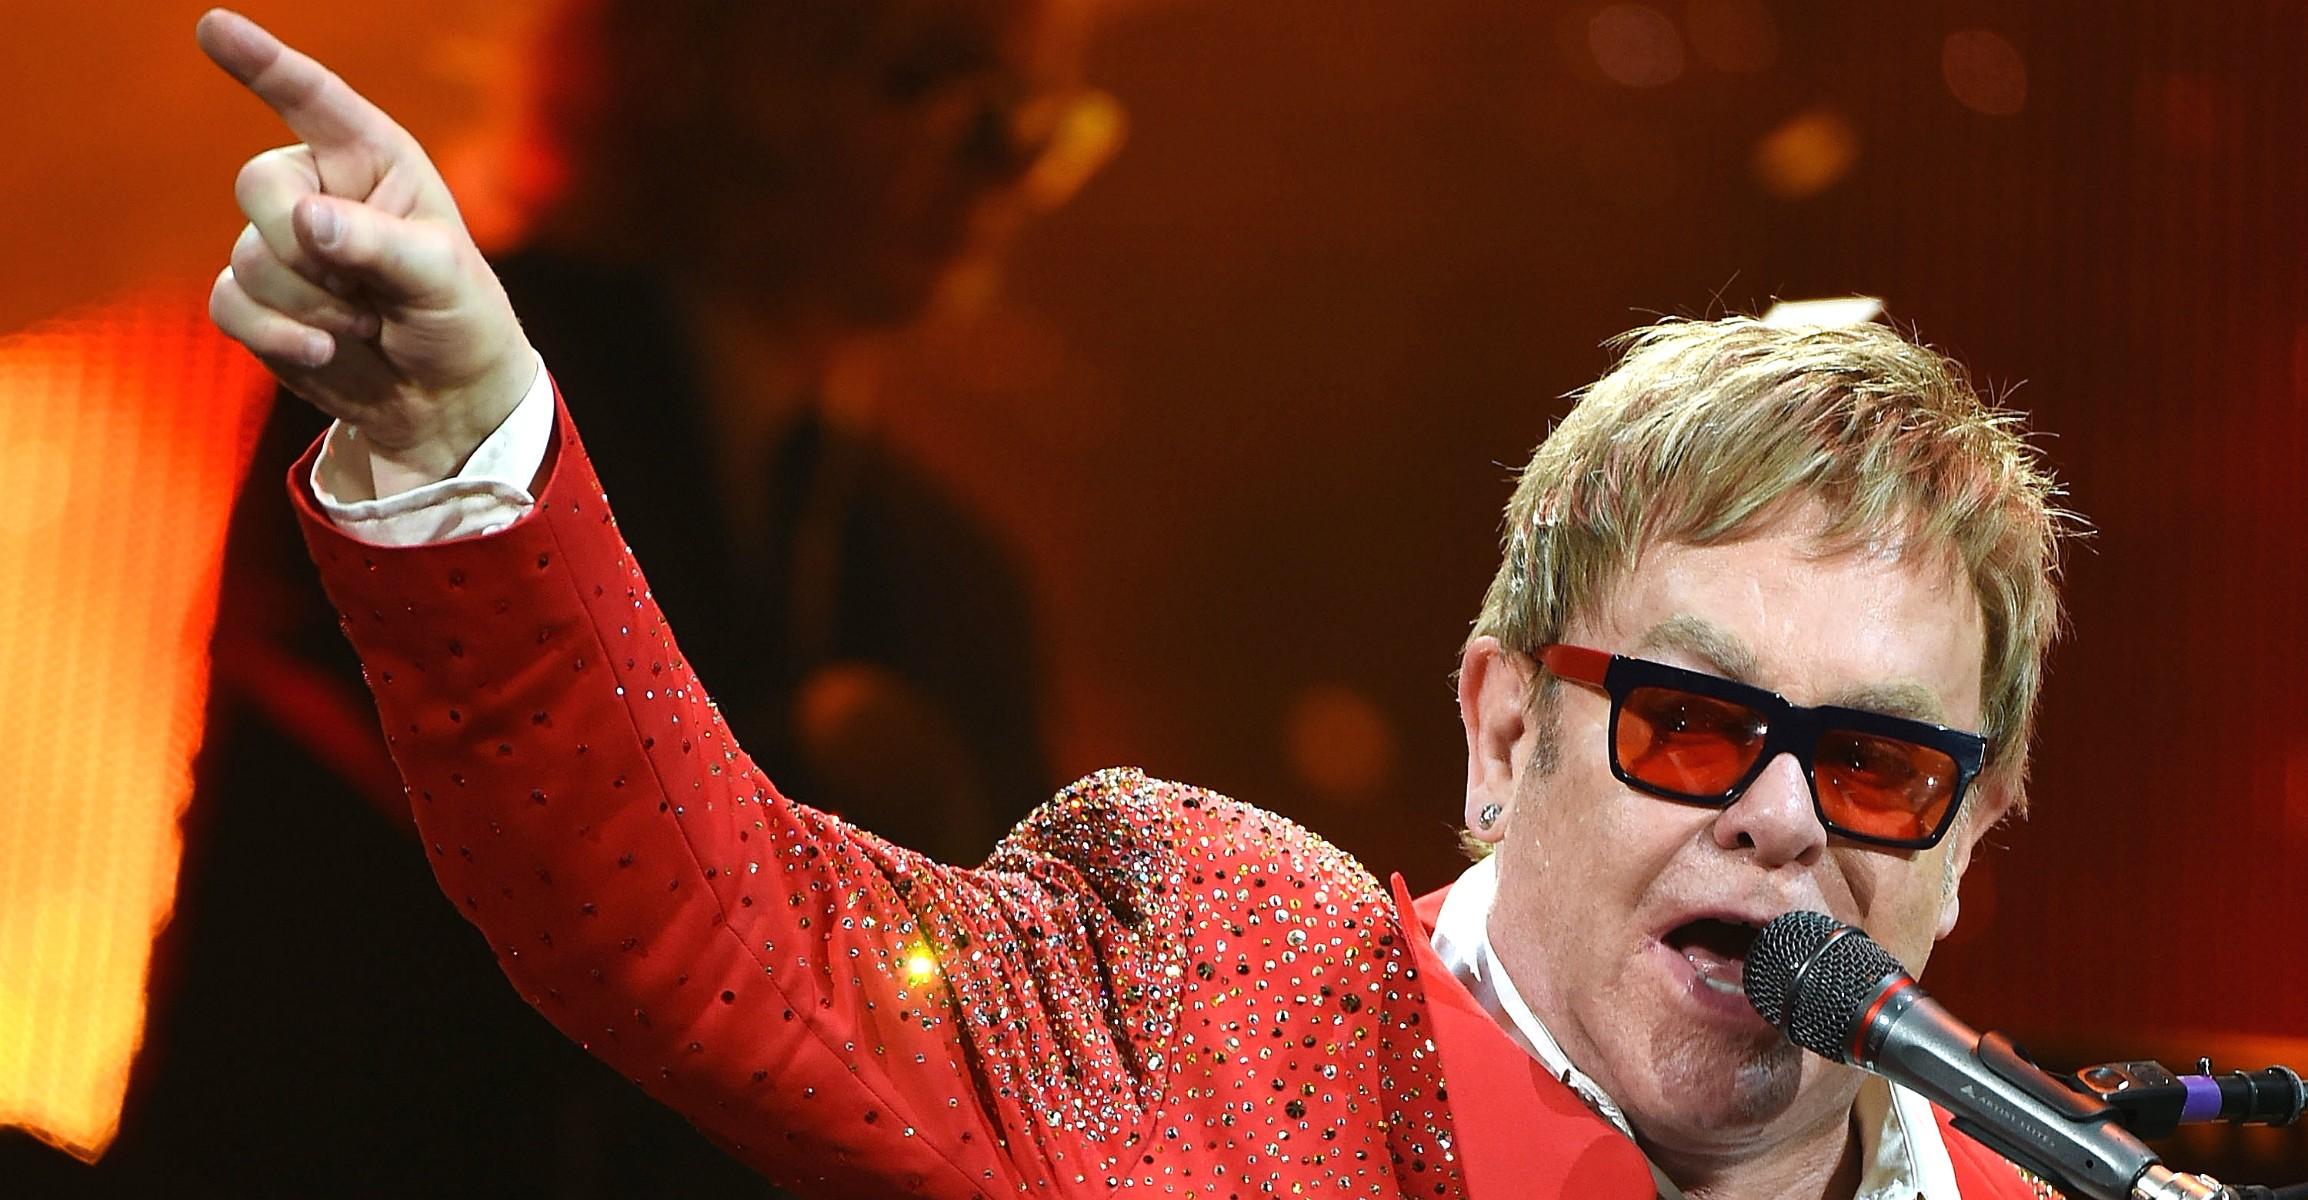 Elton John resolve boicotar grife após estilistas se colocarem contra adoção por casais gays